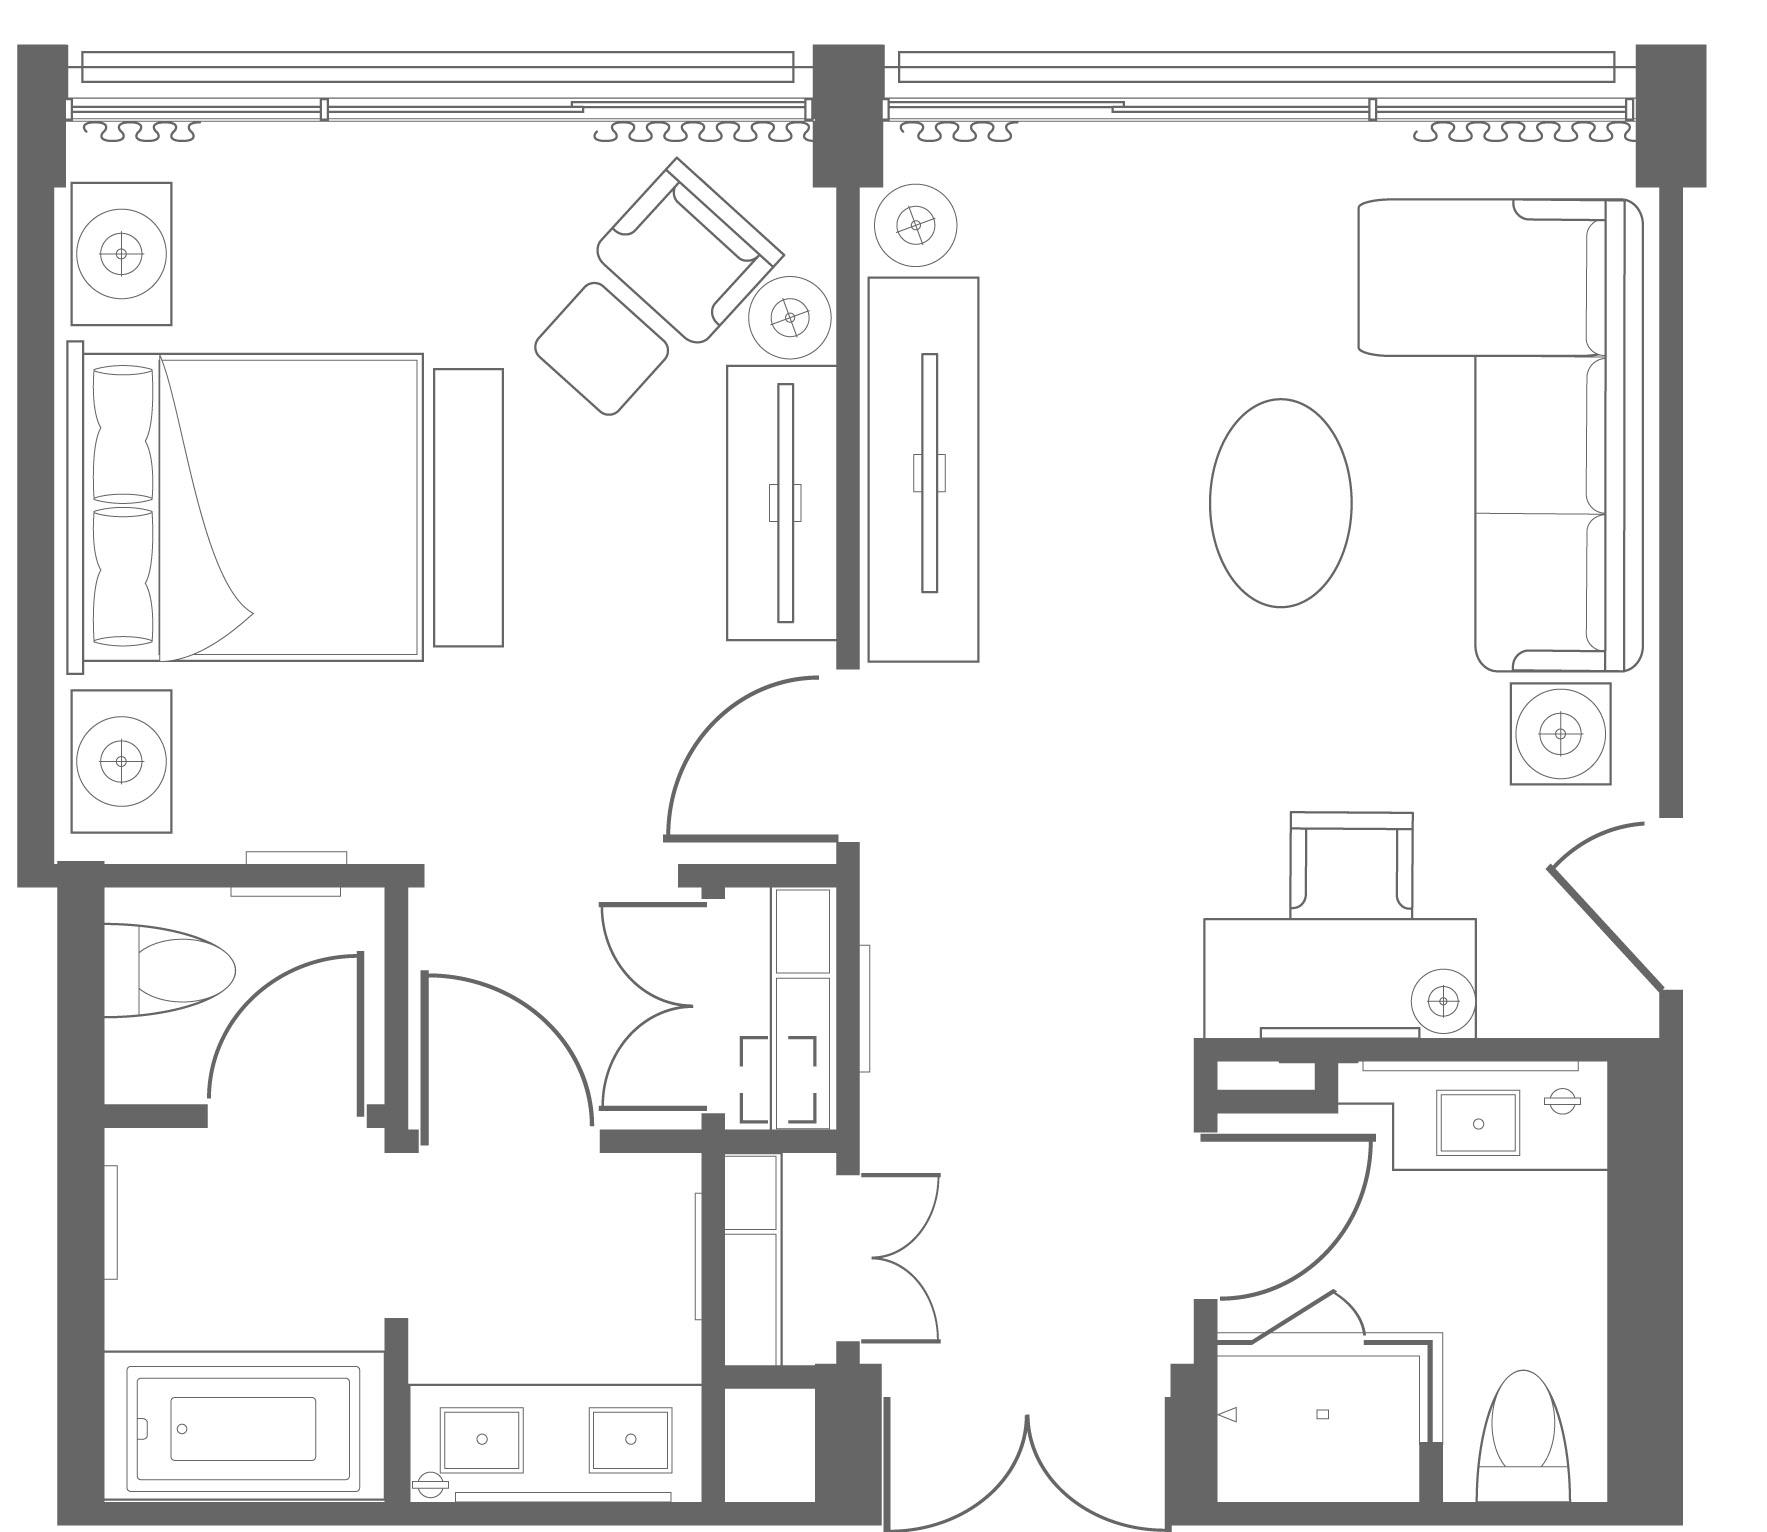 Alii-One-Bedroom-Floorplan.jpg